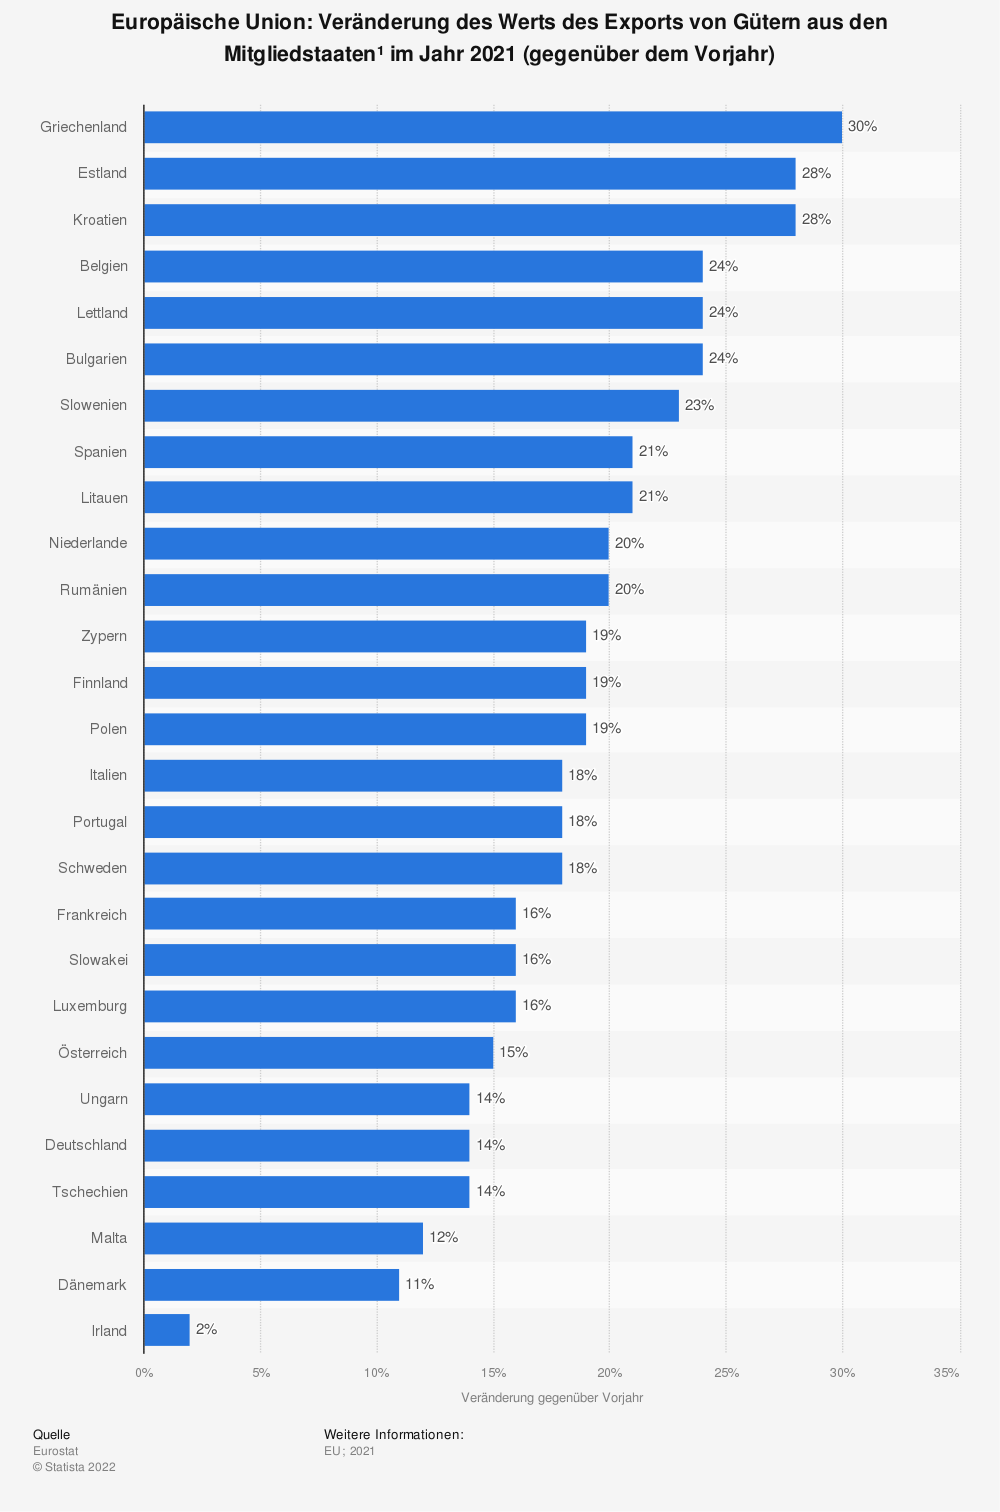 Statistik: Europäische Union: Veränderung des Werts des Exports von Gütern aus den Mitgliedsstaaten im Jahr 2018 (gegenüber dem Vorjahr) | Statista